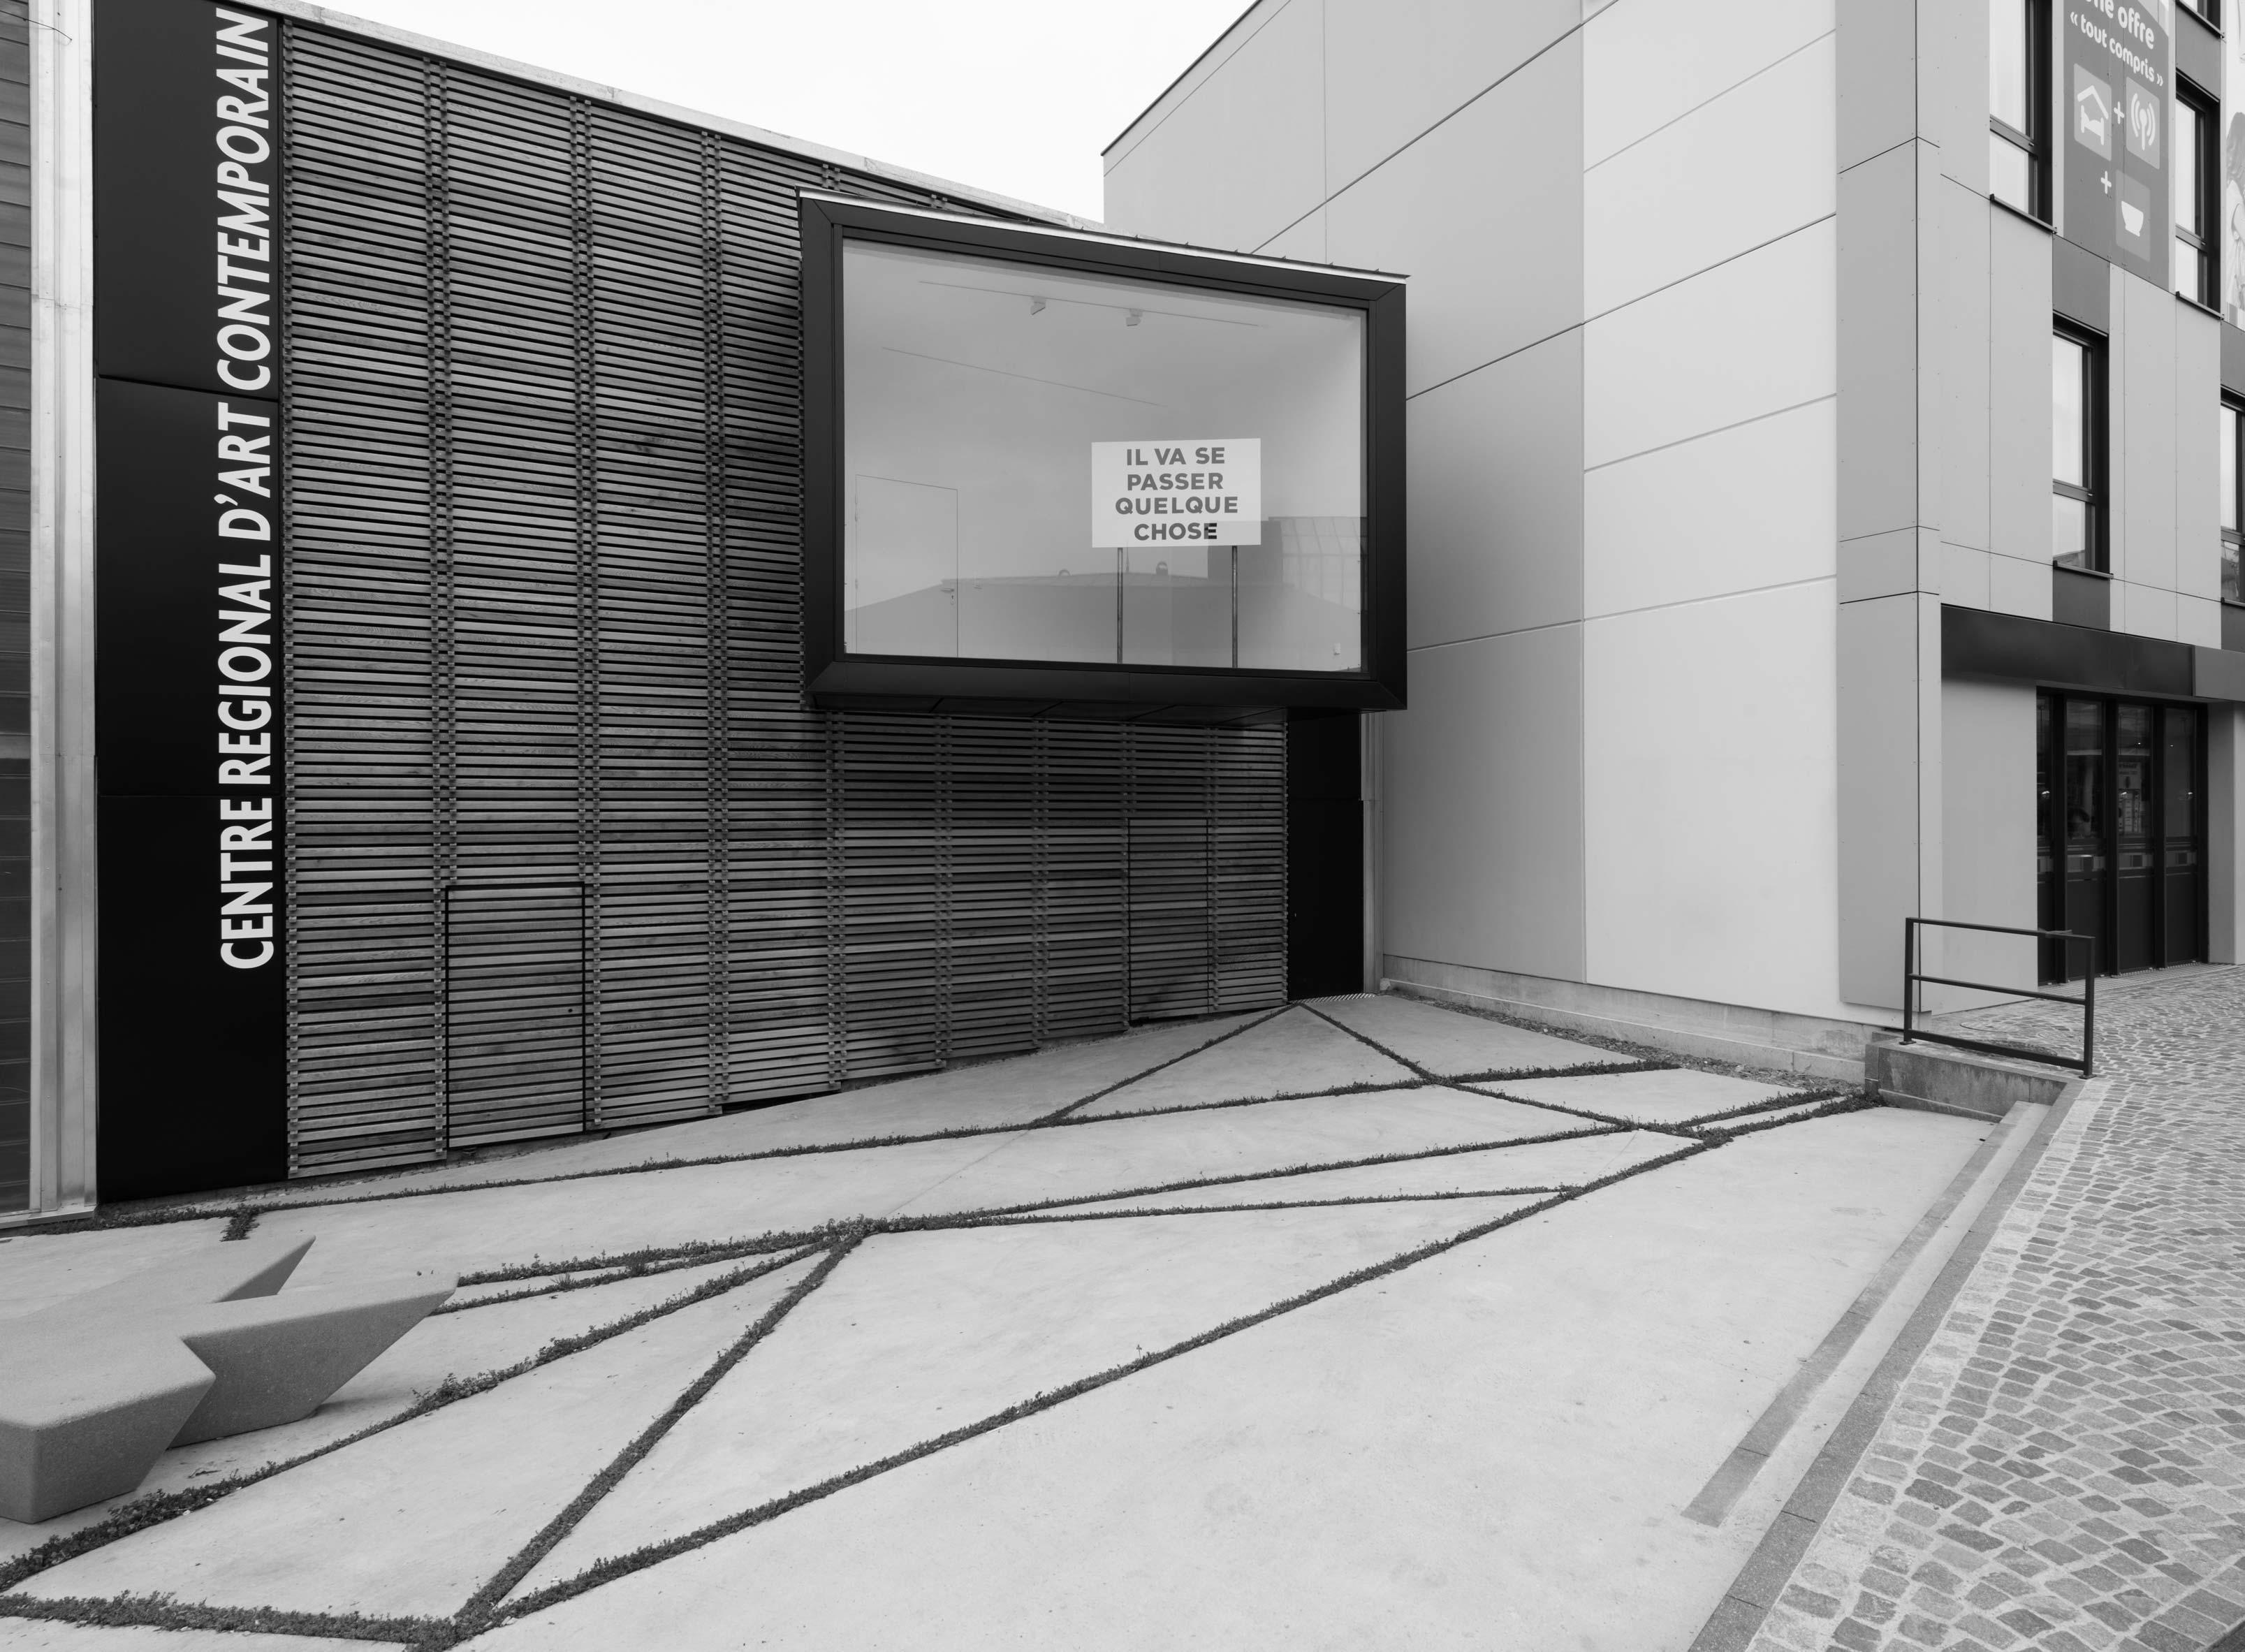 Le 19, Centre régional d'art contemporain